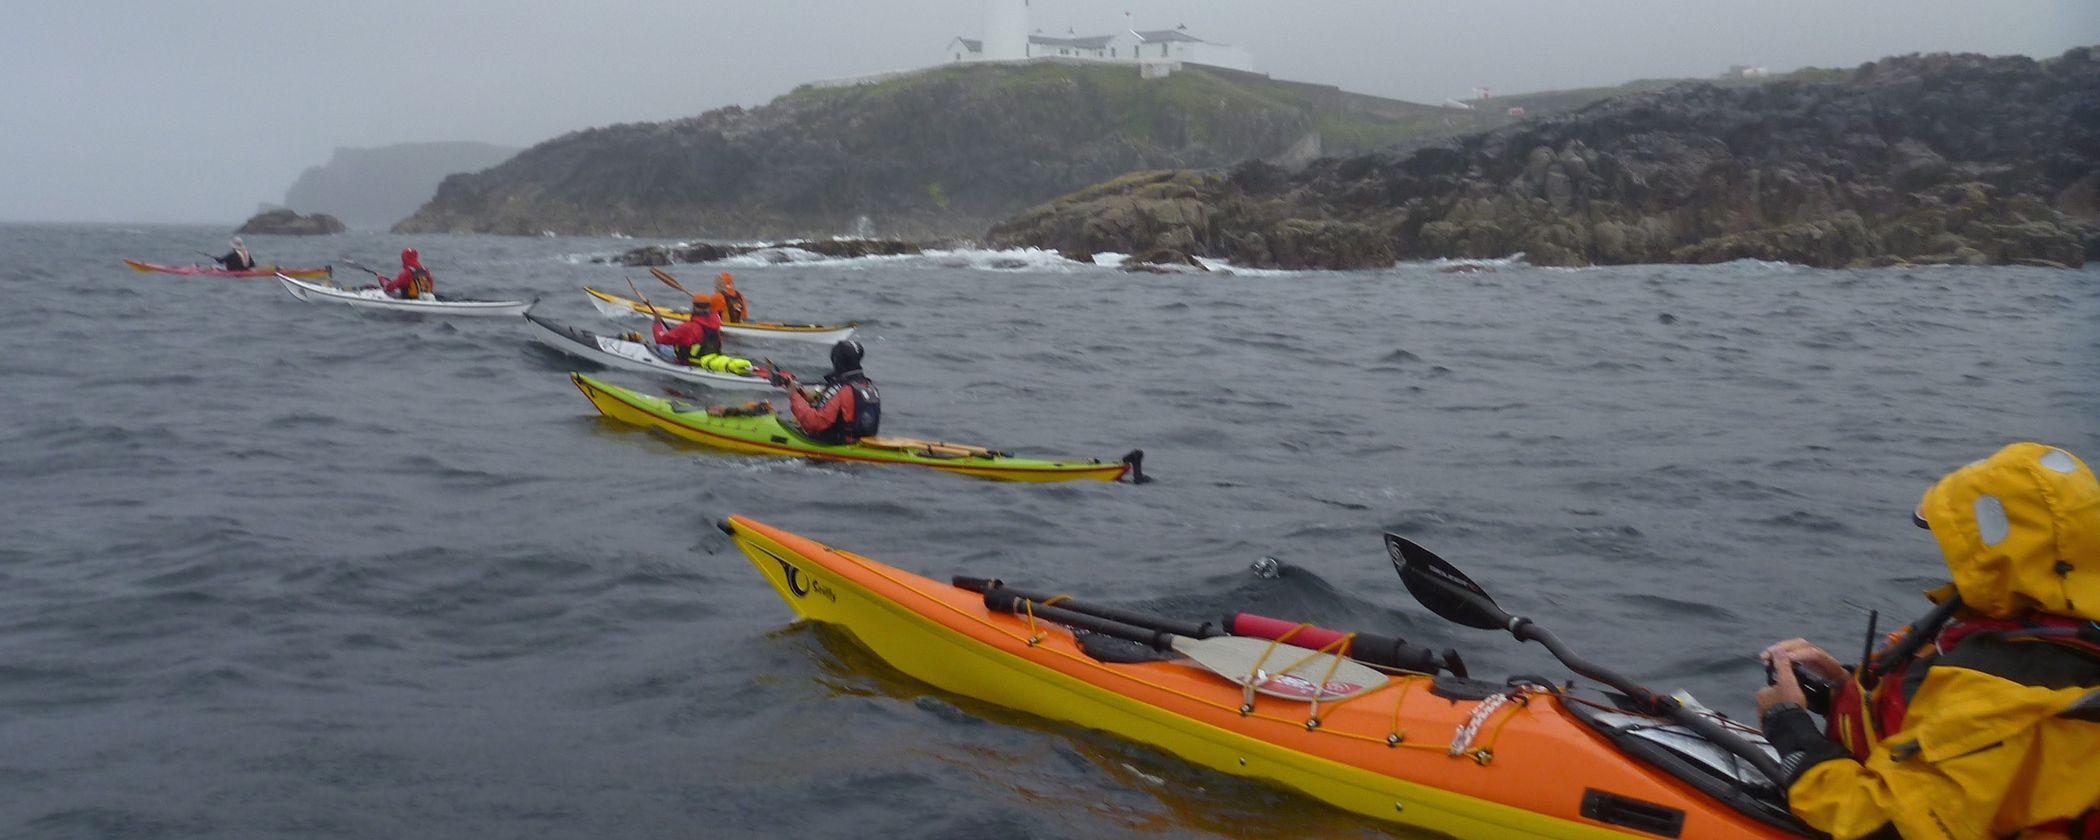 Kayak de mer de la côte d'émeraude Saint-Malo randonnée